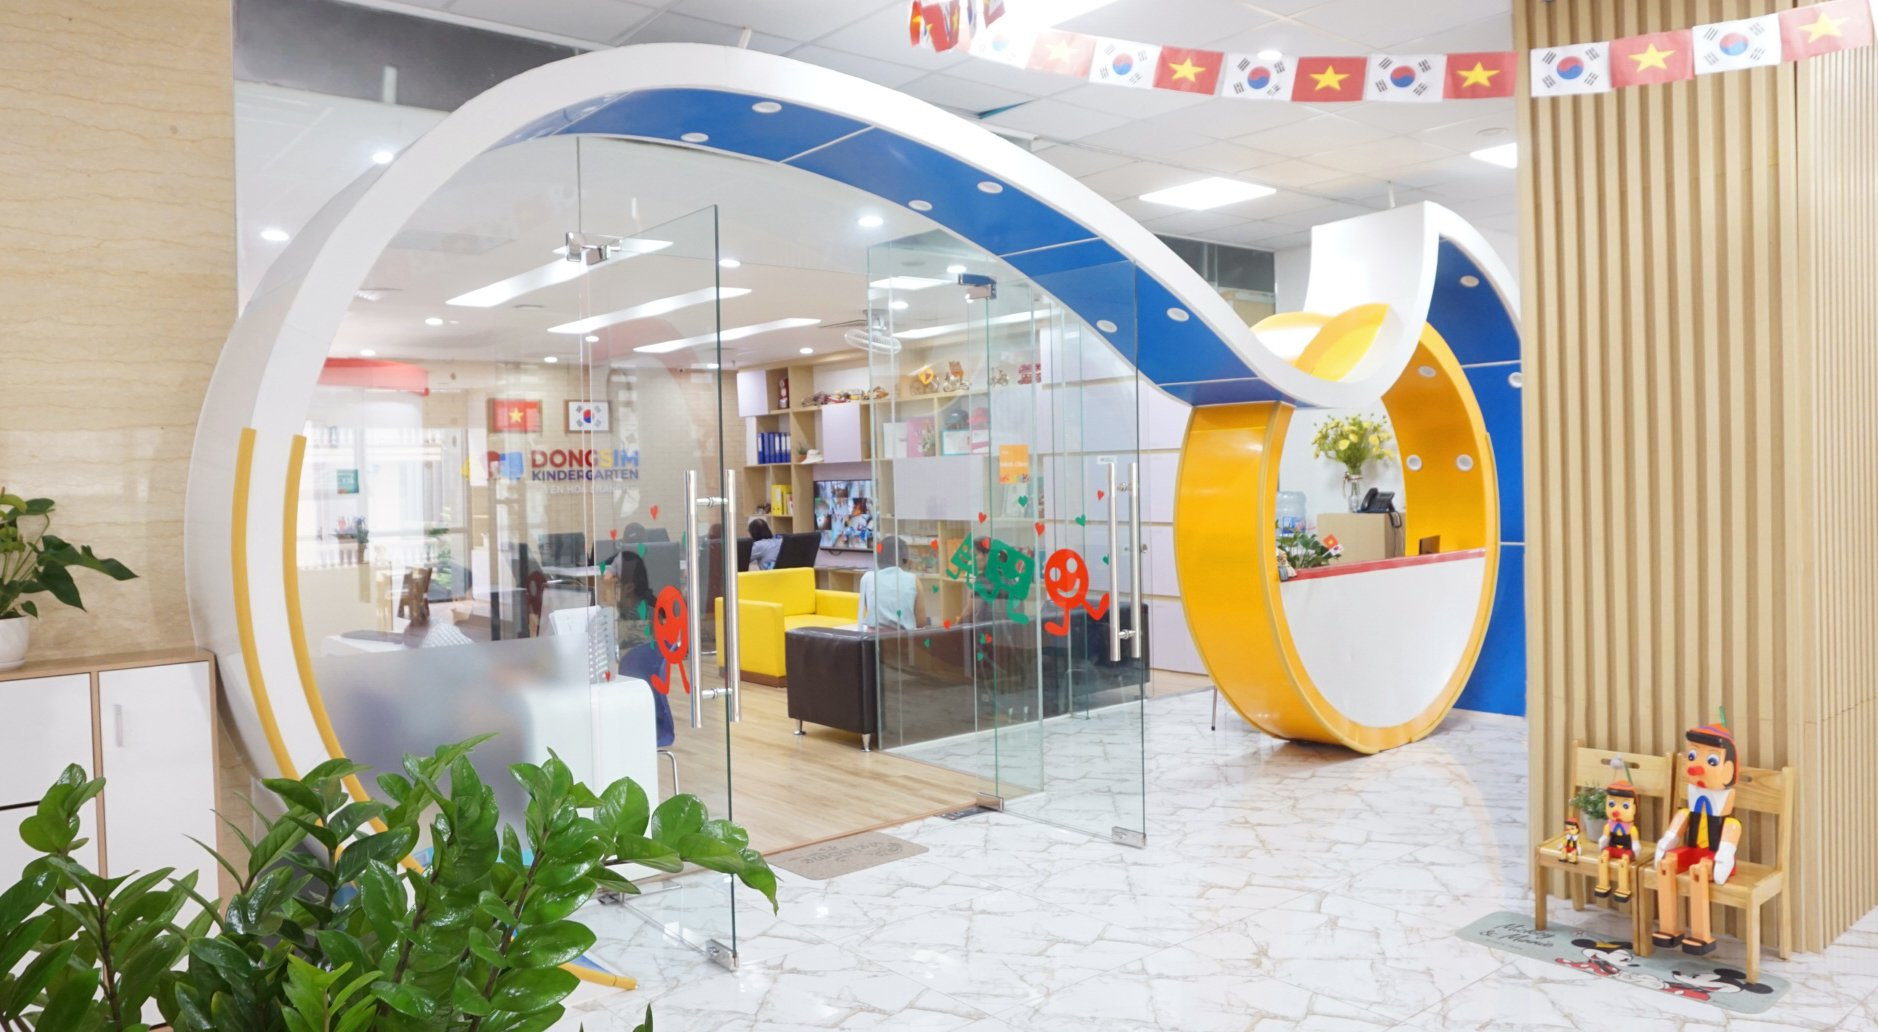 Trường mầm non Dongsim Kindergarten - Yên Hòa